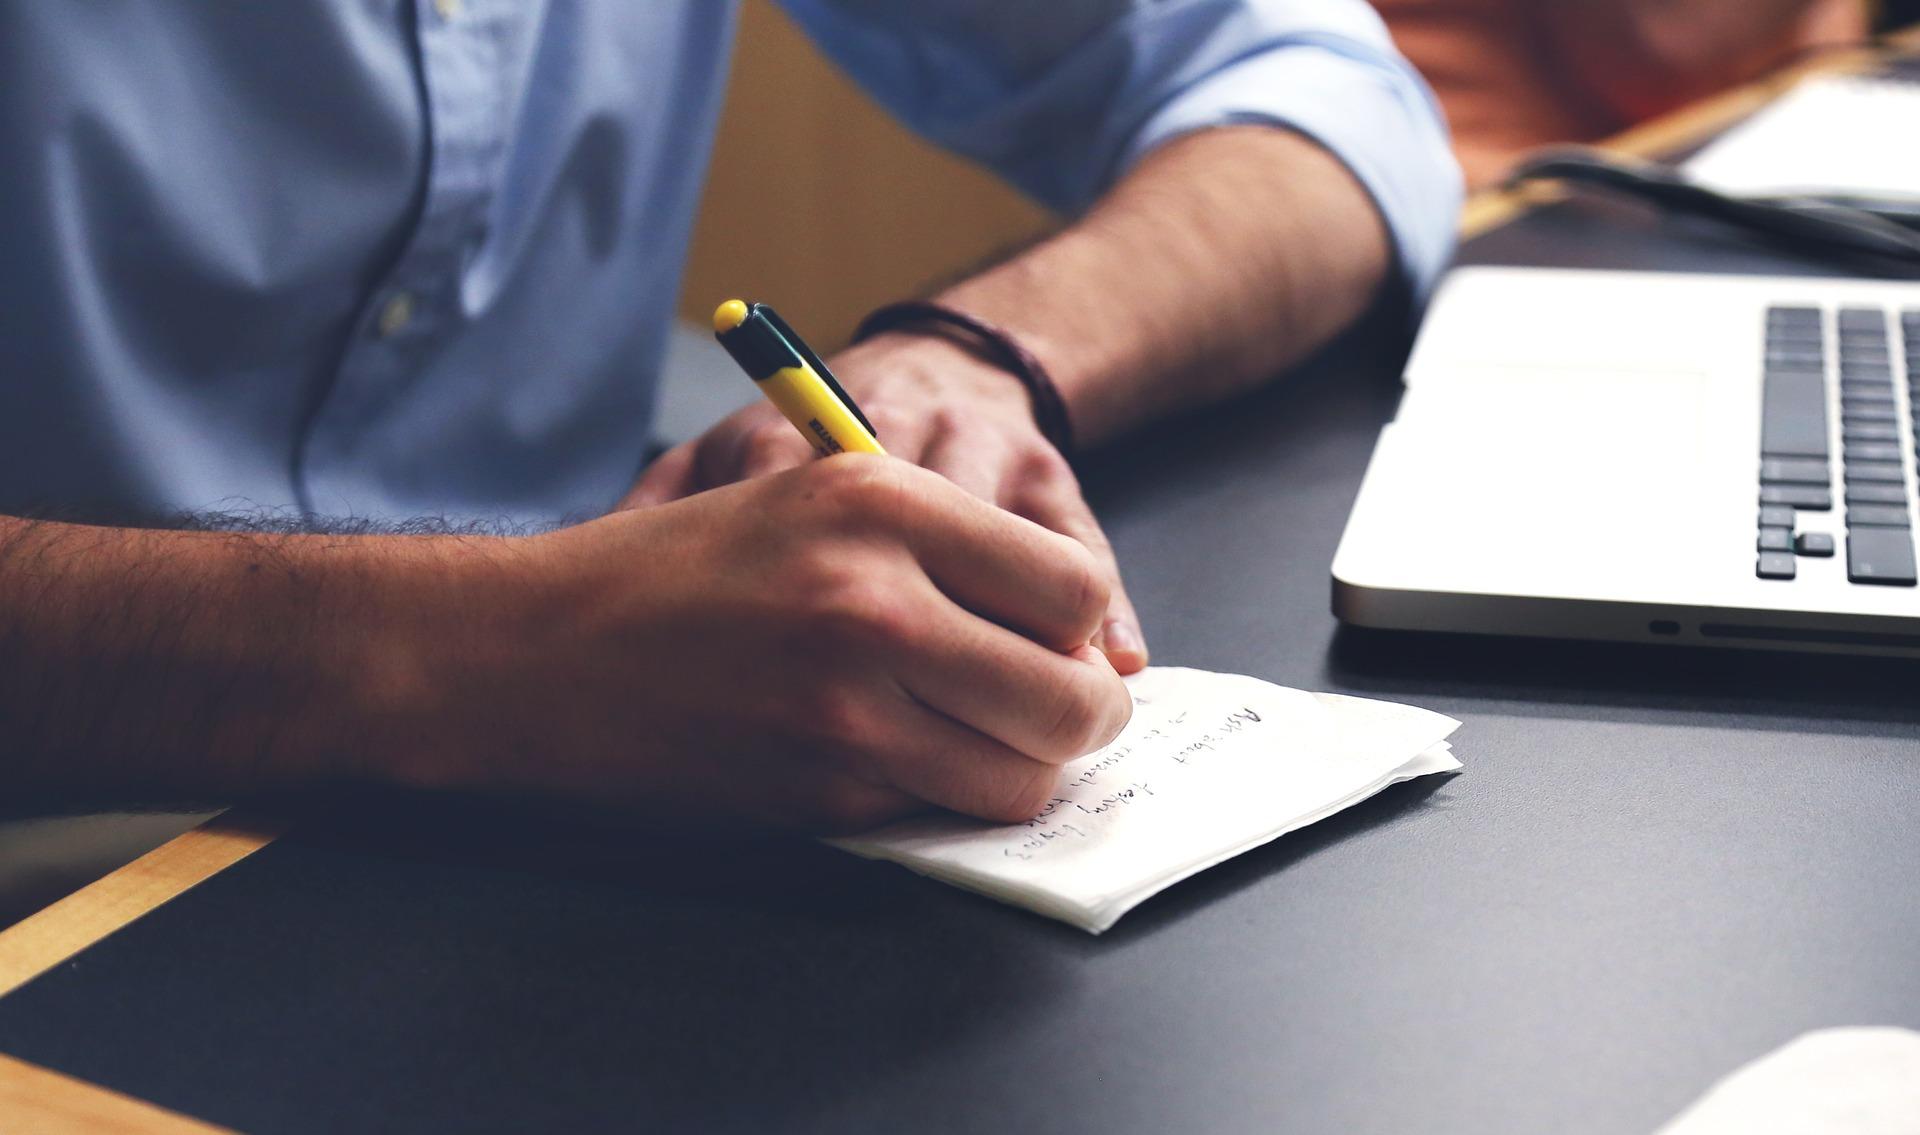 Jak przygotować się doegzaminów CIM - Egzamin Strategic Marketing